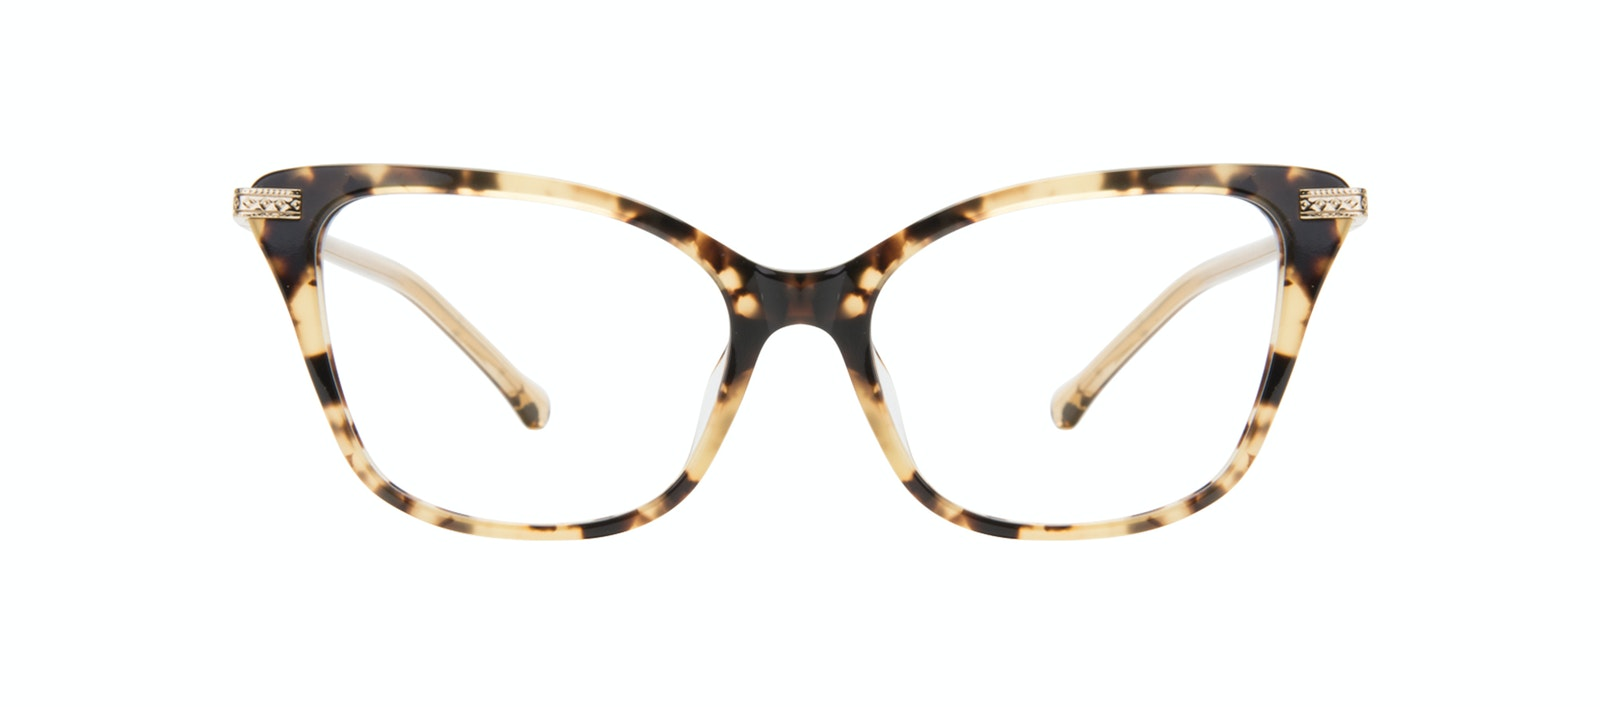 Lunettes tendance Oeil de chat Lunettes de vue Femmes Stargaze Golden Chip Face